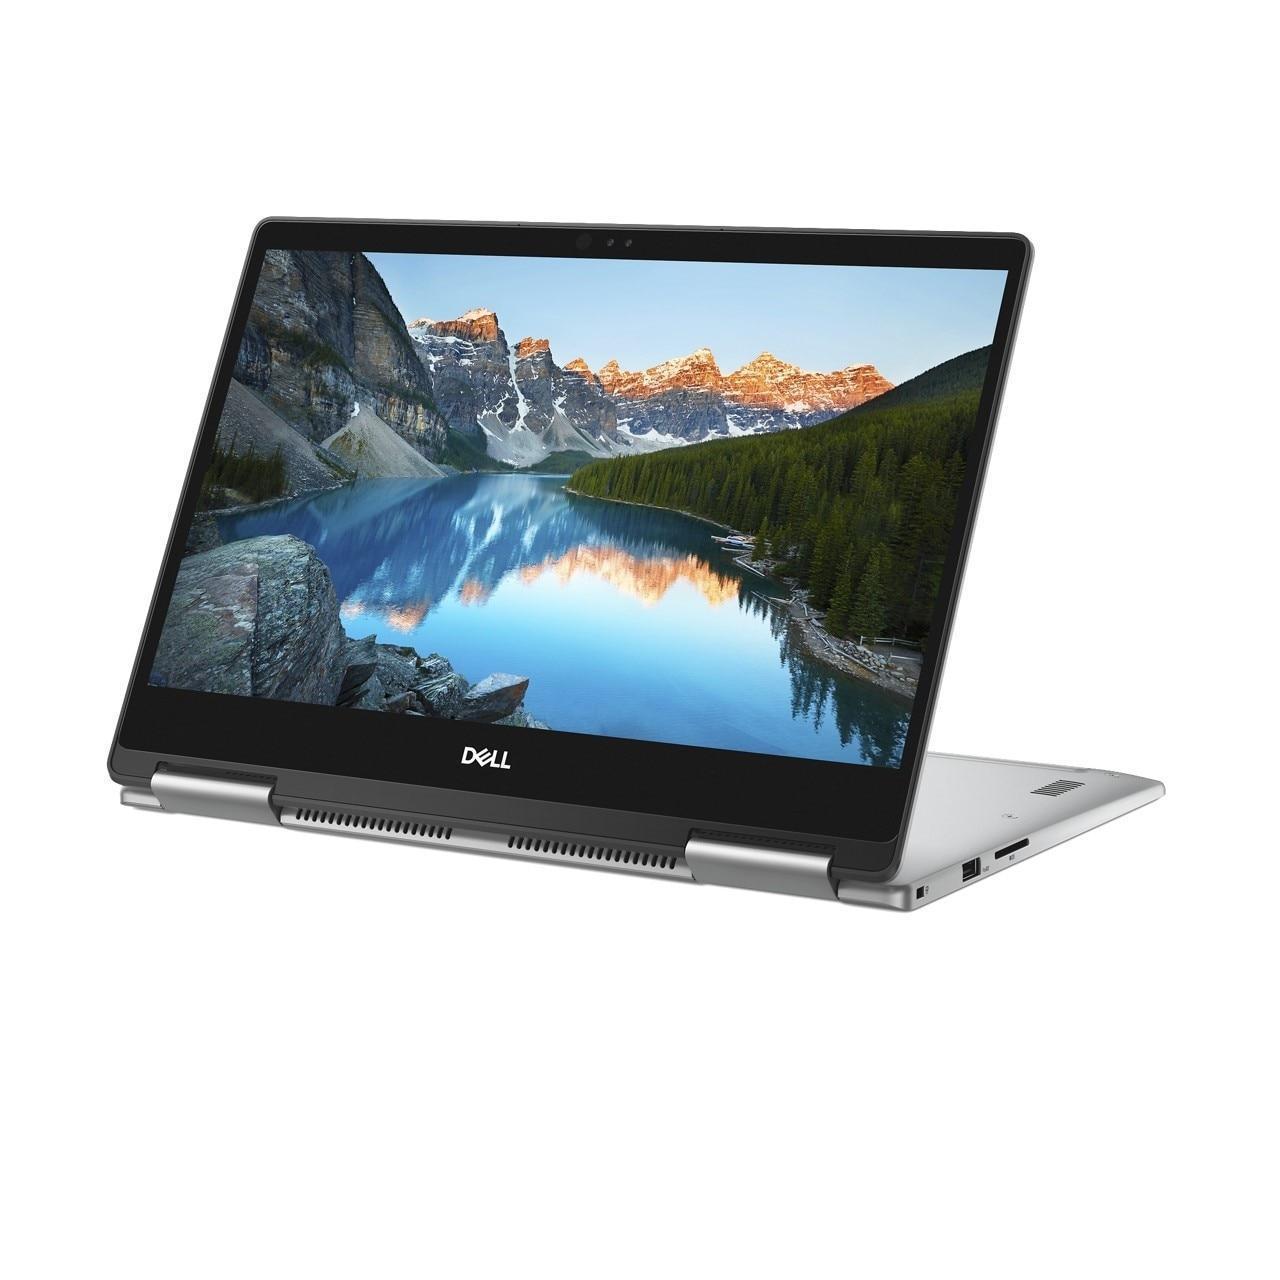 Dell Inspiron 7373 13.3-inch (2017) - Core i7-8550U - 16 GB  - SSD 256 GB